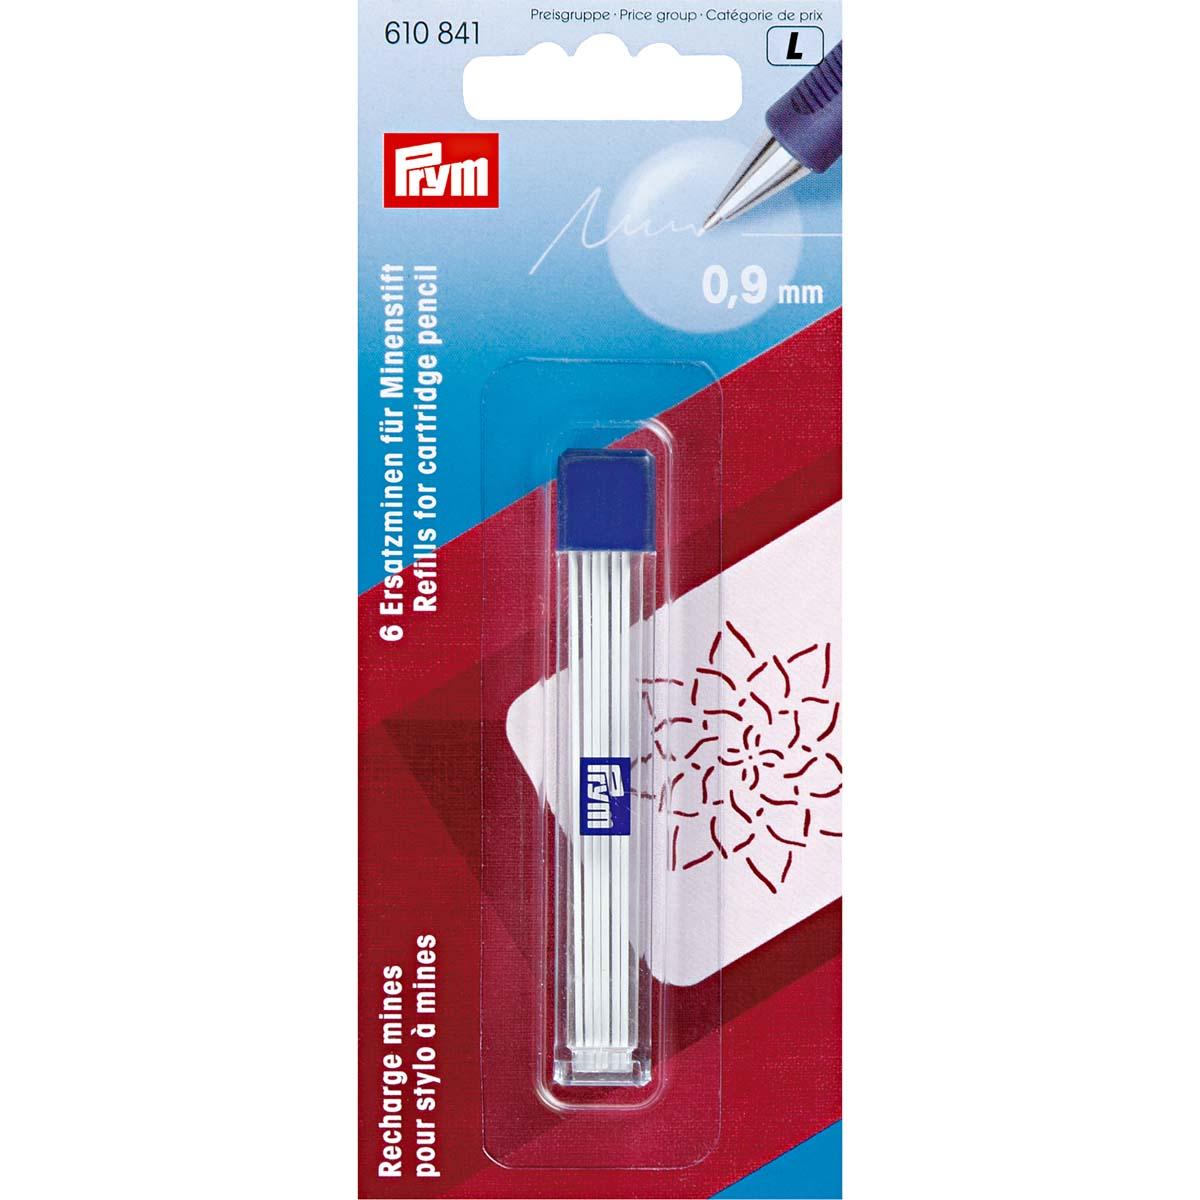 610841 Запасные графиты для механического карандаша,O 0,9 мм, белый цв. Prym